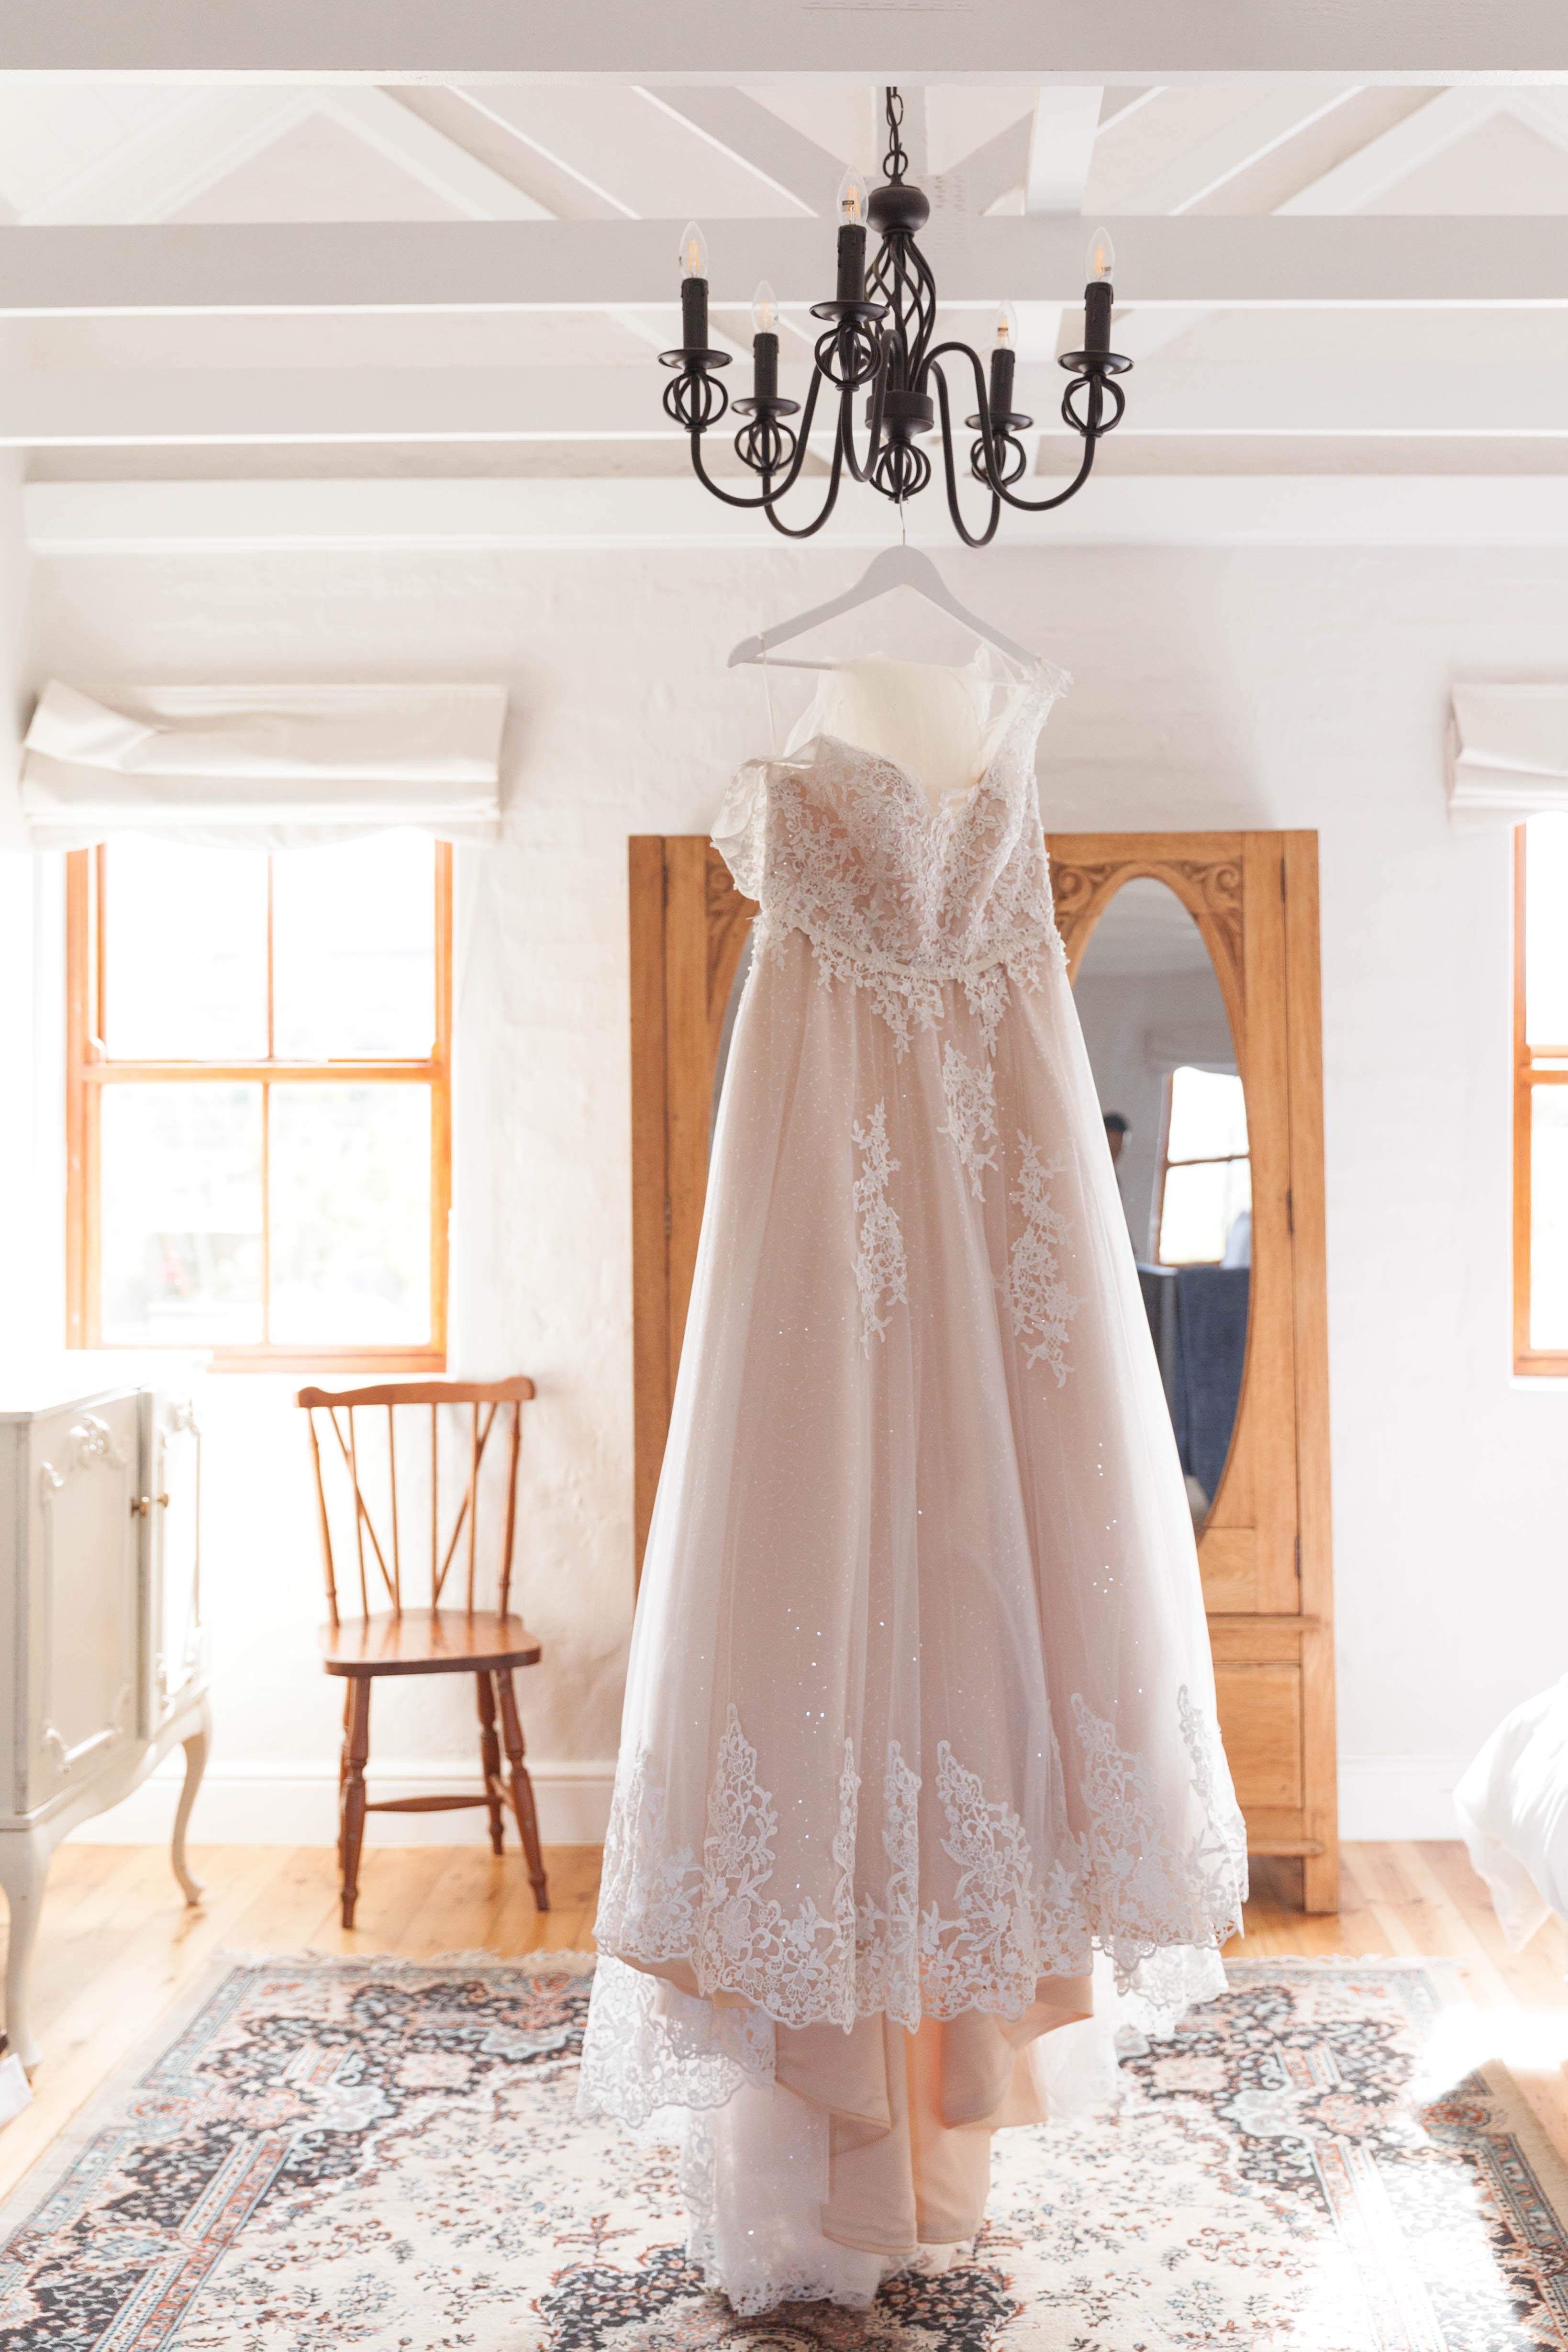 hanged white lace sleeveless wedding dress